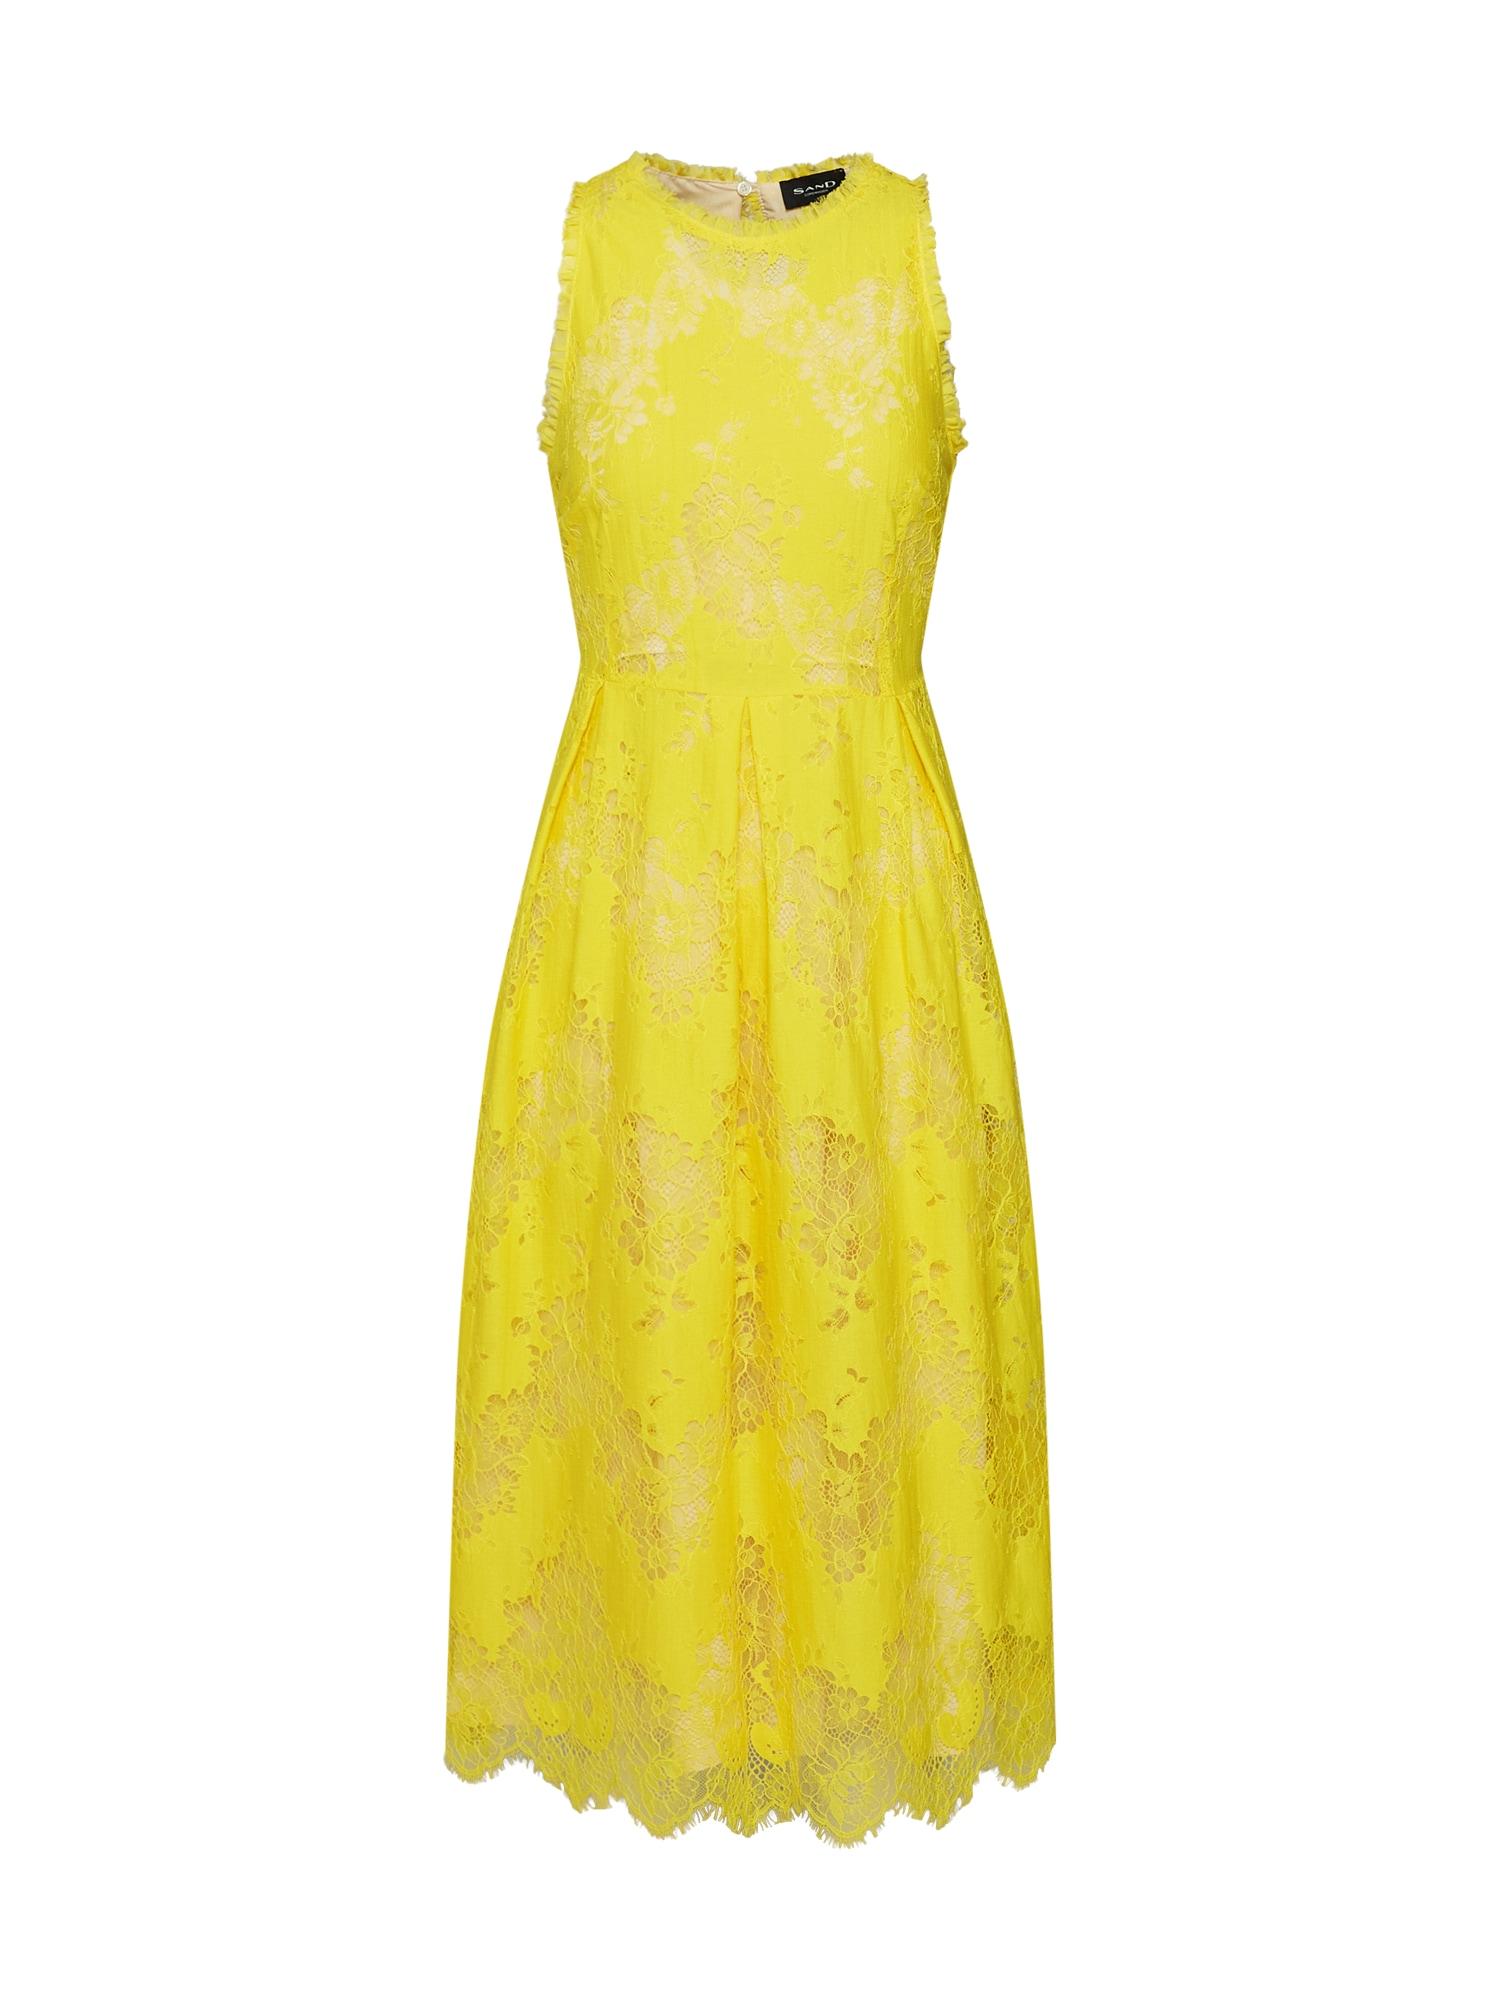 Letní šaty Noam žlutá SAND COPENHAGEN